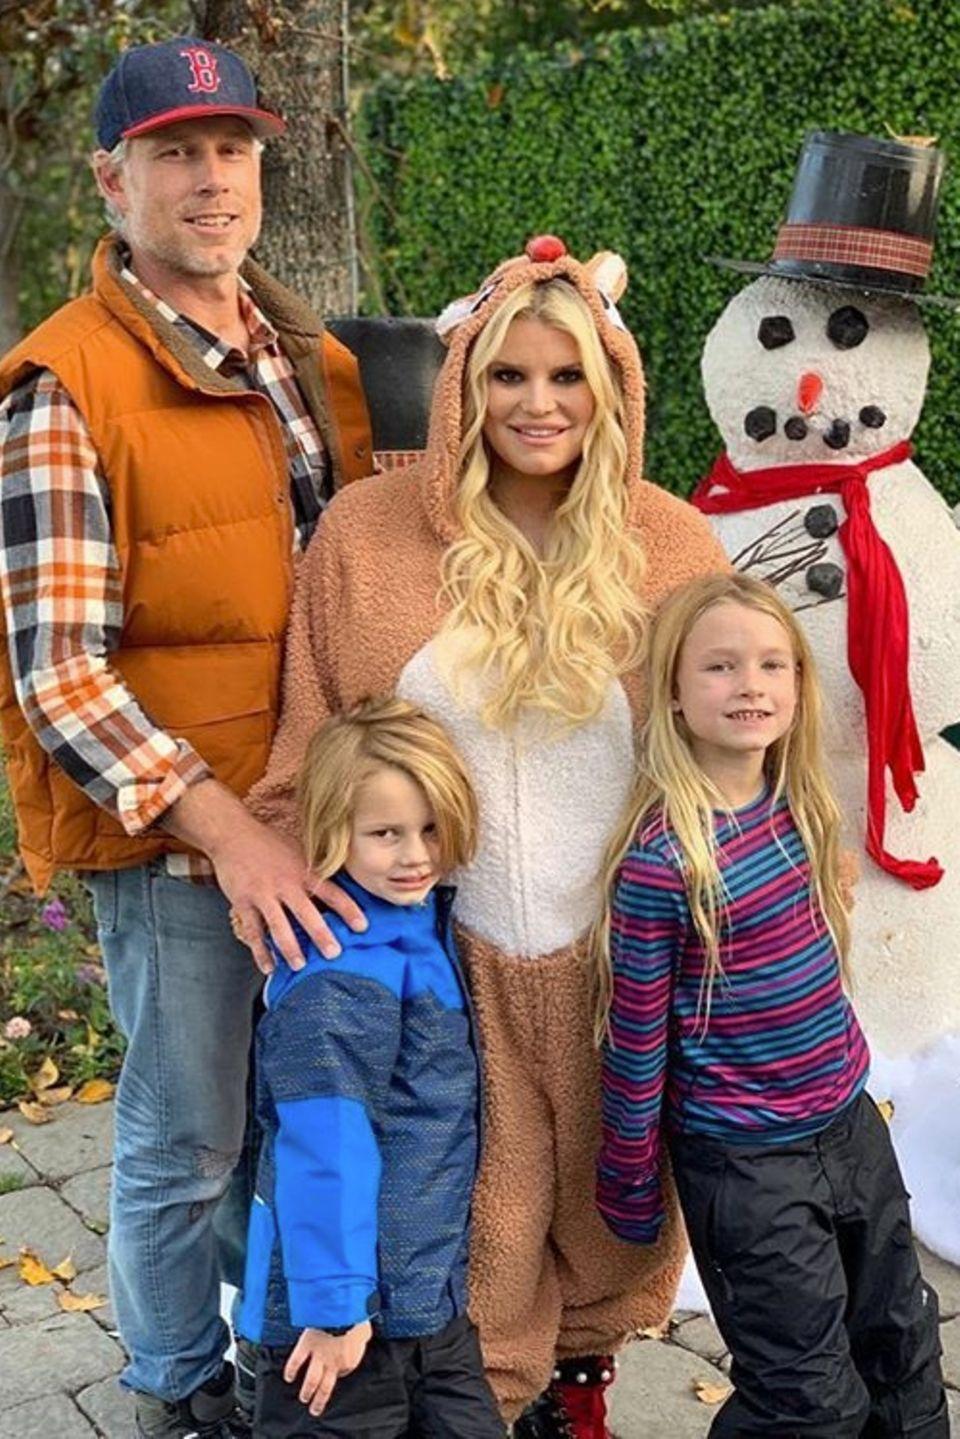 Das macht Lust auf Weihnachten: Sängerin Jessica Simpson schnappt sich ihre Familie rund um Ehemann Eric Johnson, Sohn Ace und Tochter Maxwell für ein stimmiges Gruppenfoto.